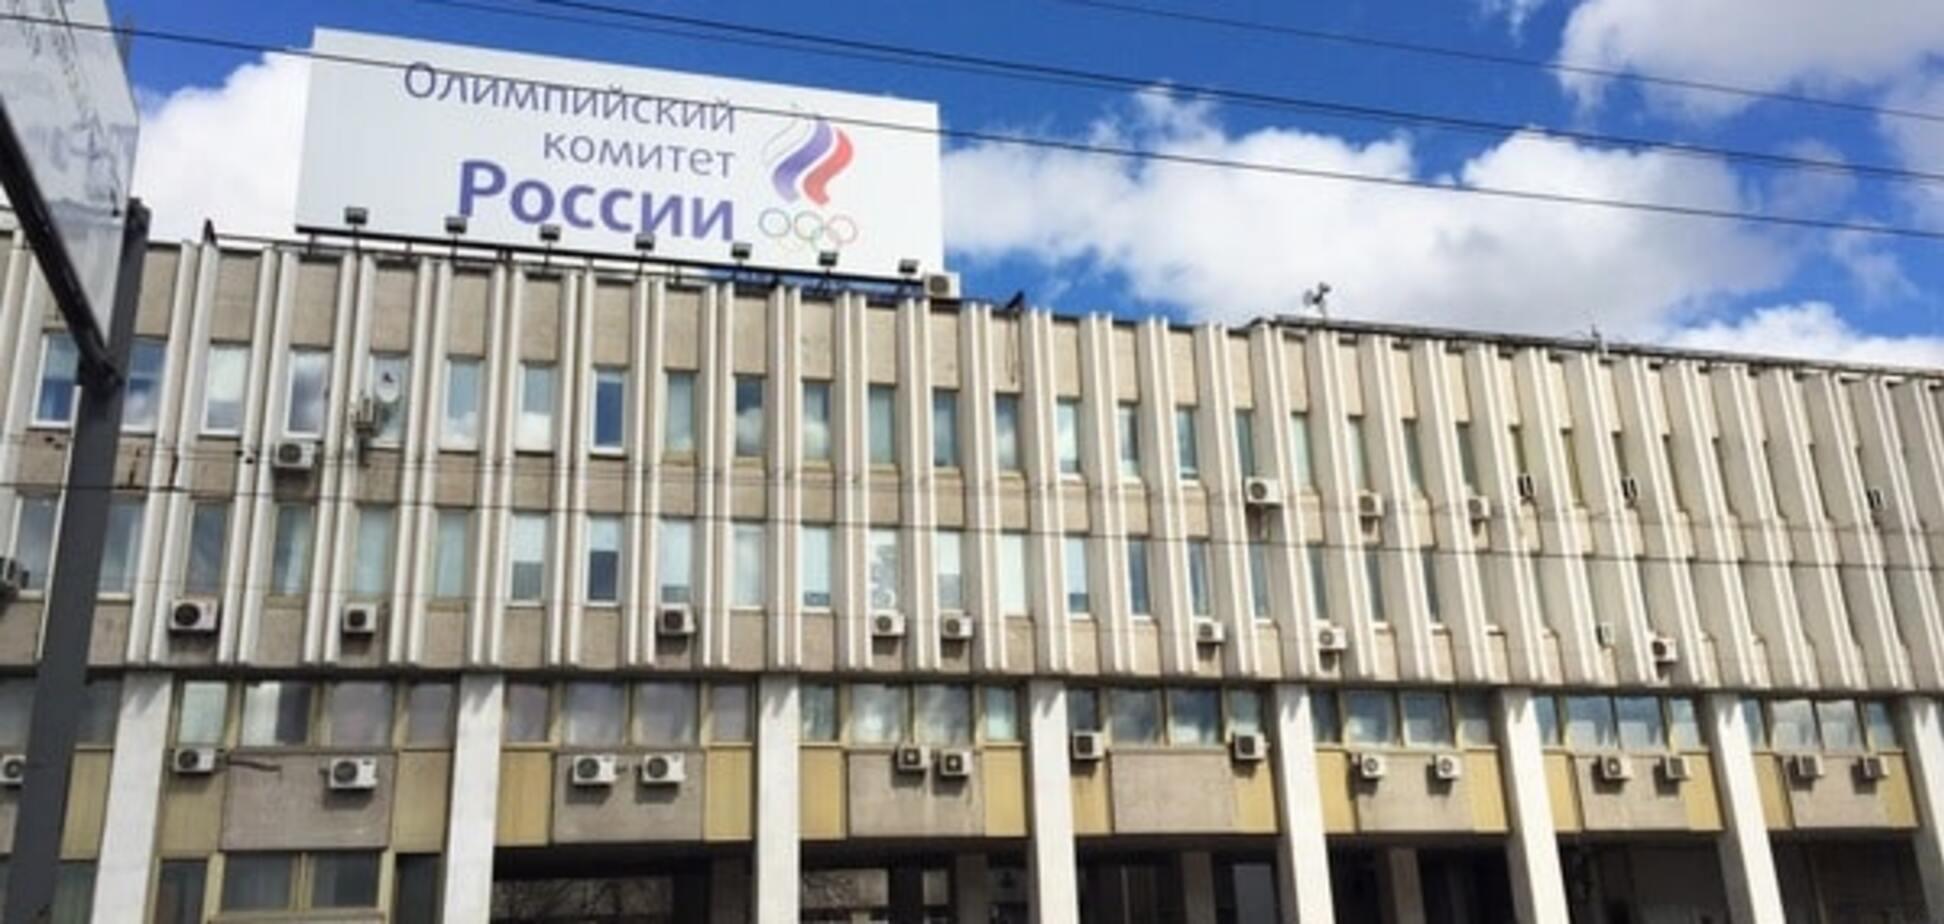 Бог шельму метит: в Москве загорелось здание Олимпийского комитета России